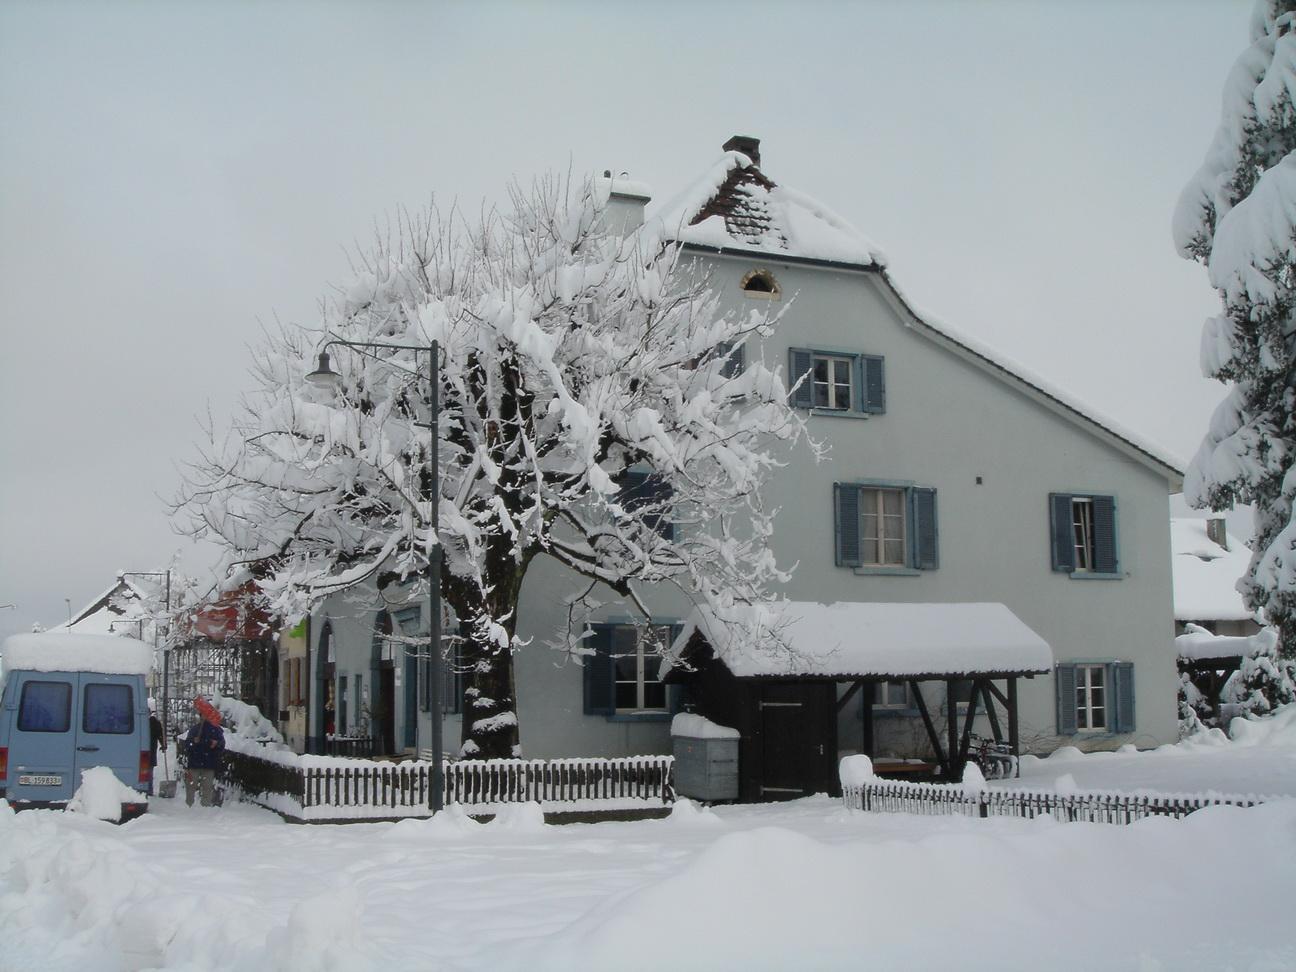 Bauernhaus in tiefem Schnee 2006